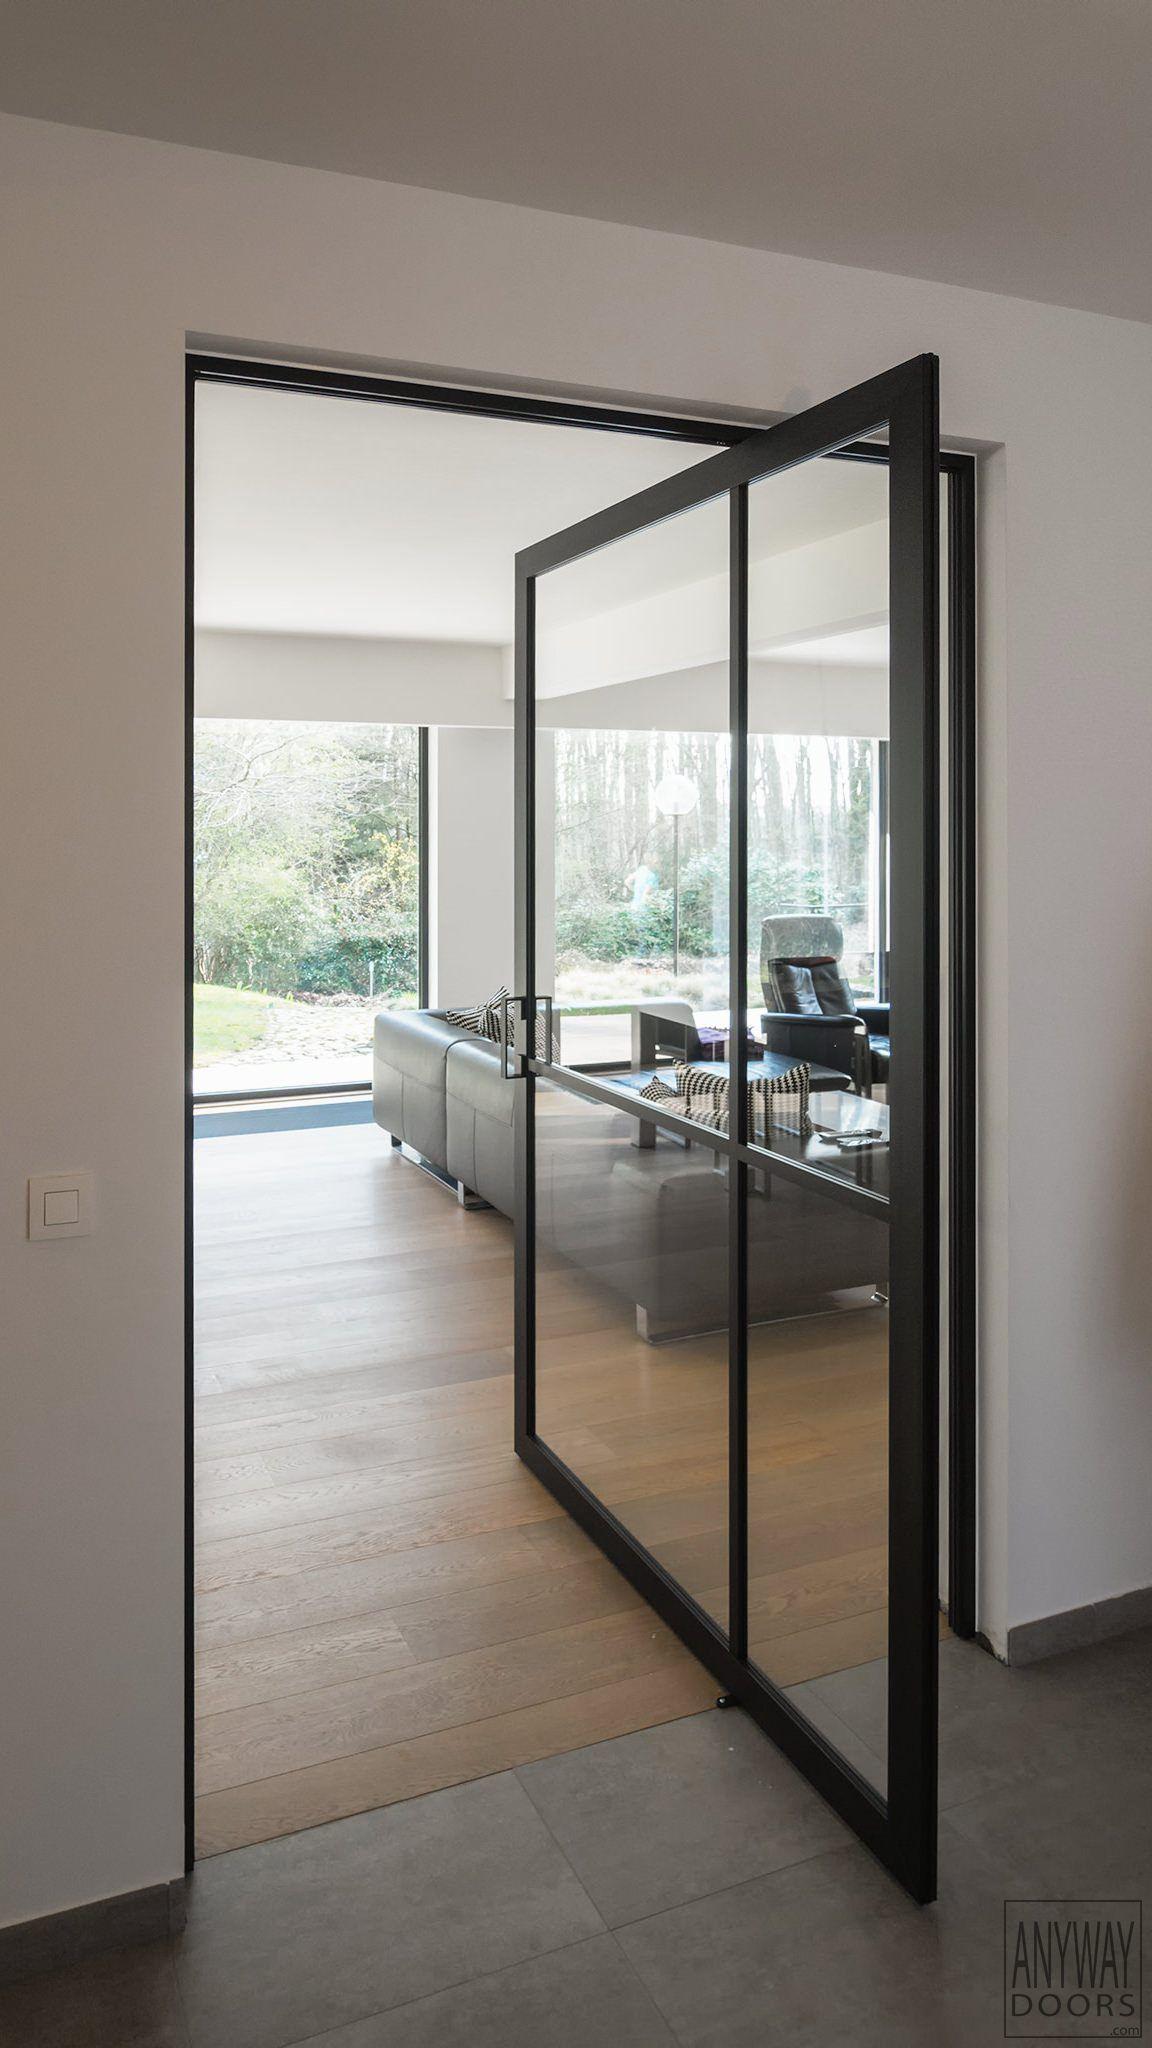 Porte Vitrée Sur Pivot Style Atelier Portes Pivotantes Portes - Porte vitrée sur pivot